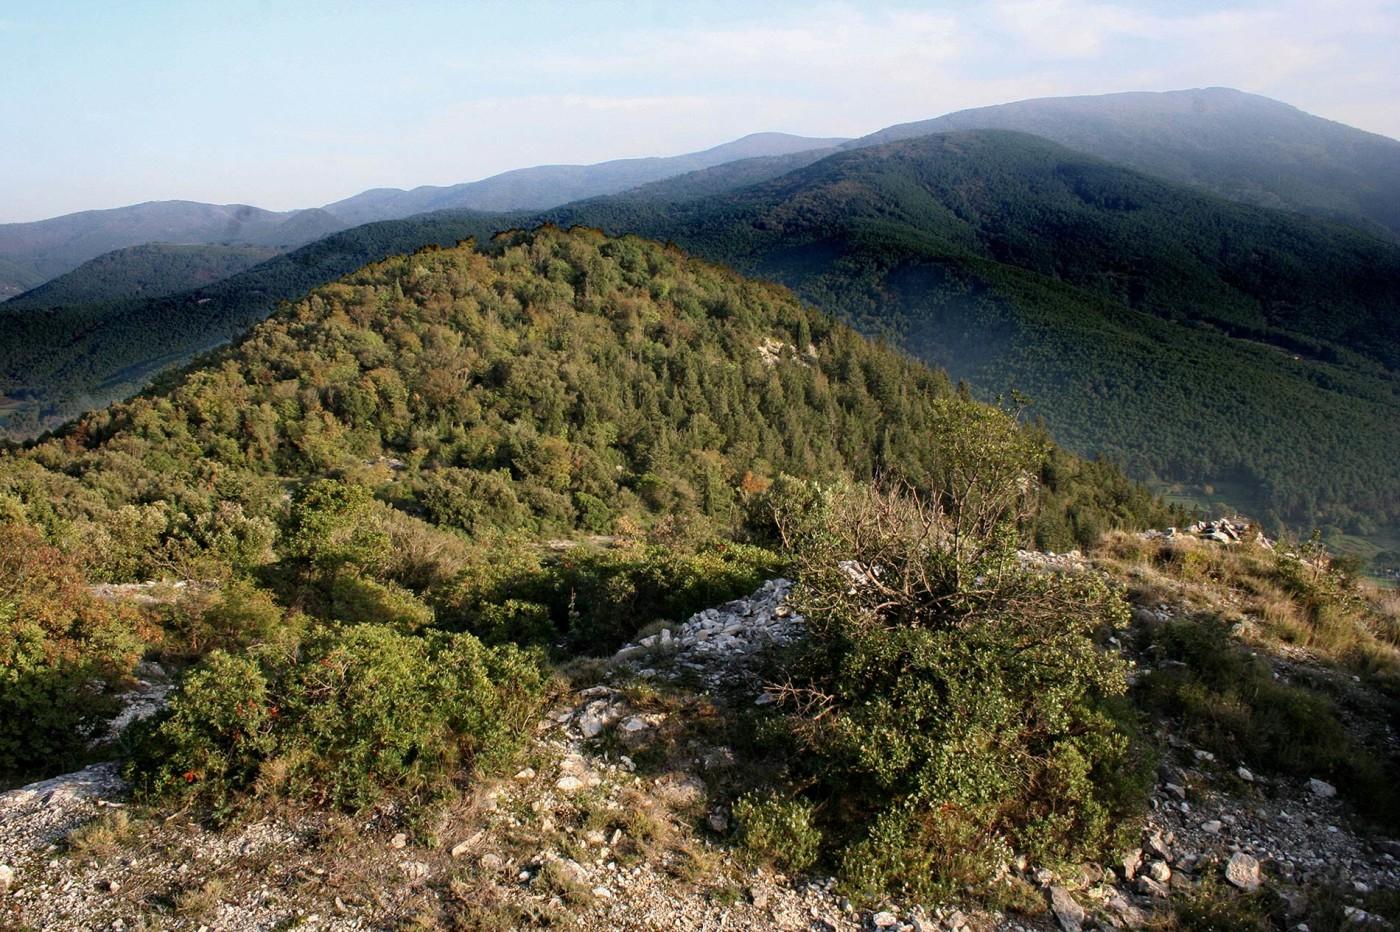 L'altura di Monte Cotrozzi